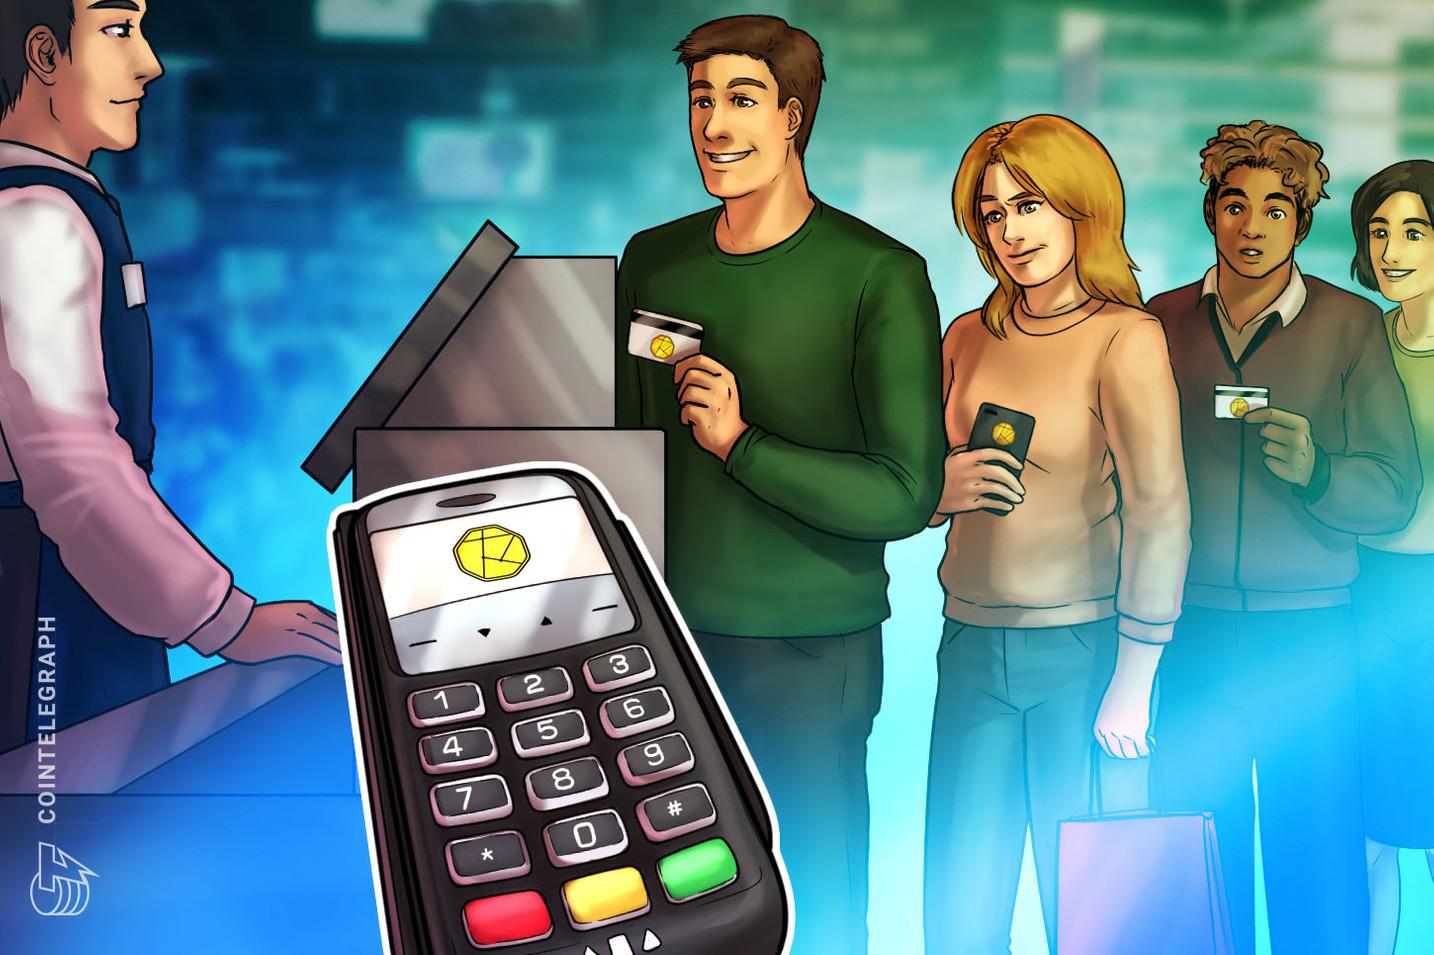 Shop.com ahora acepta pagos en Bitcoin tras su asociación con BitPay